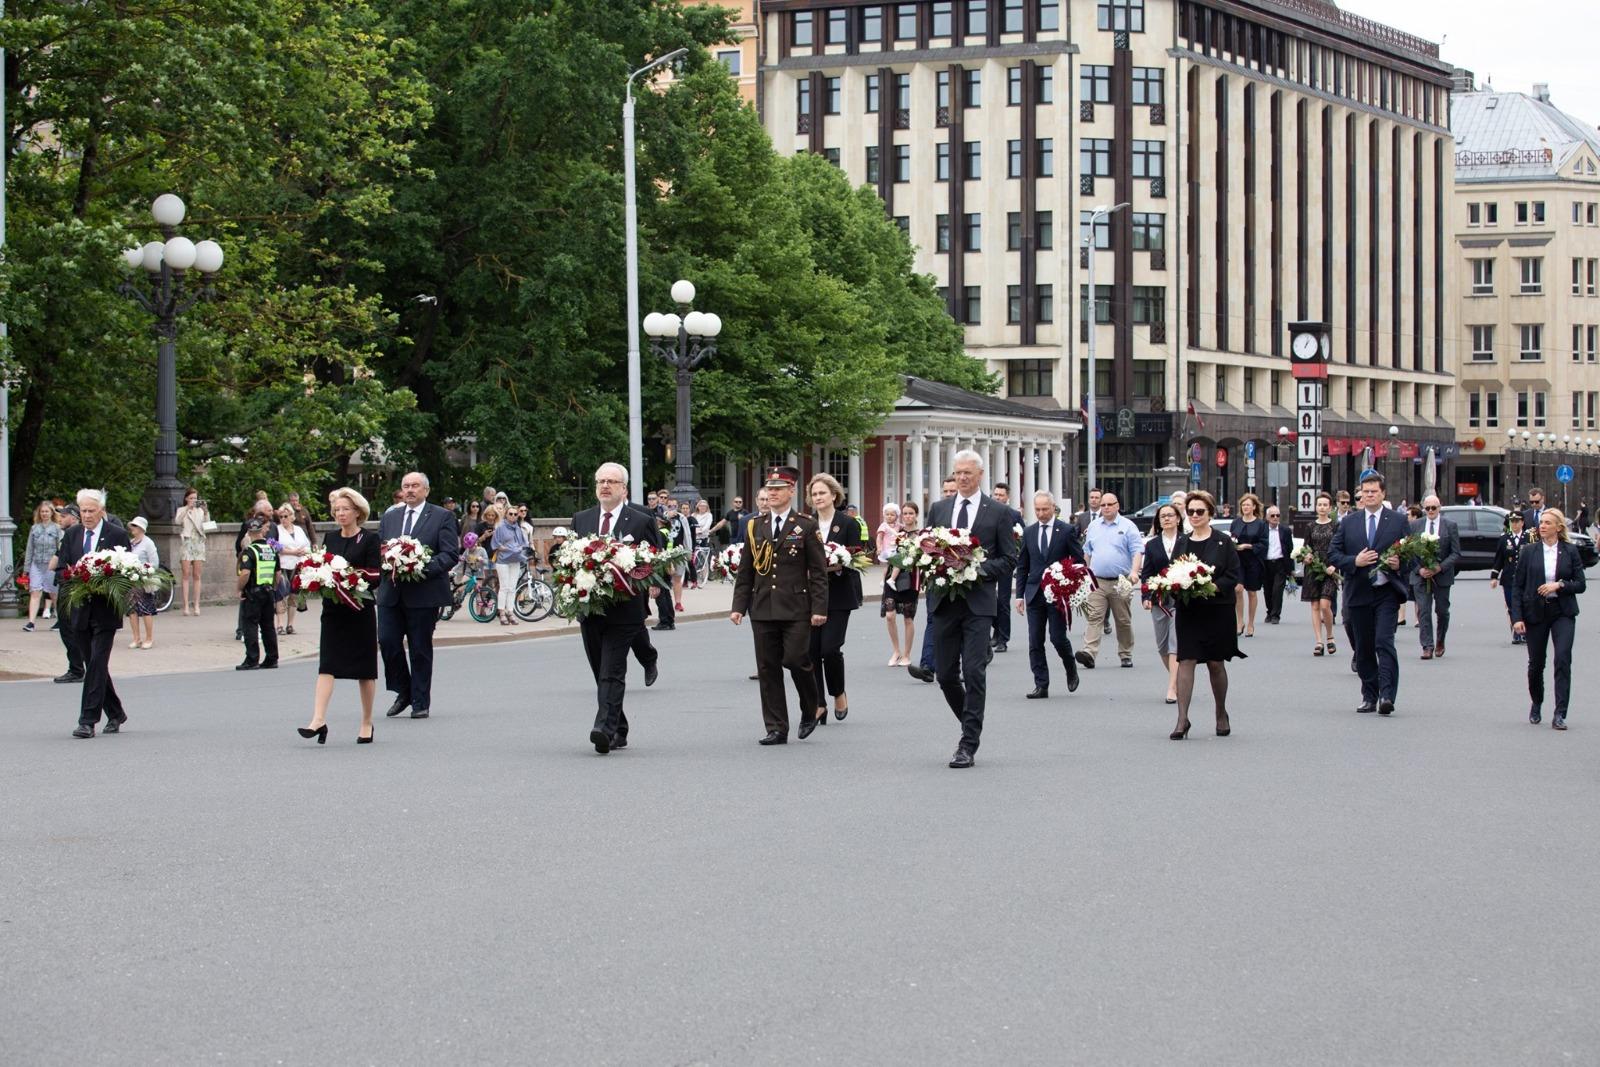 Foto: Ārlietu ministrija